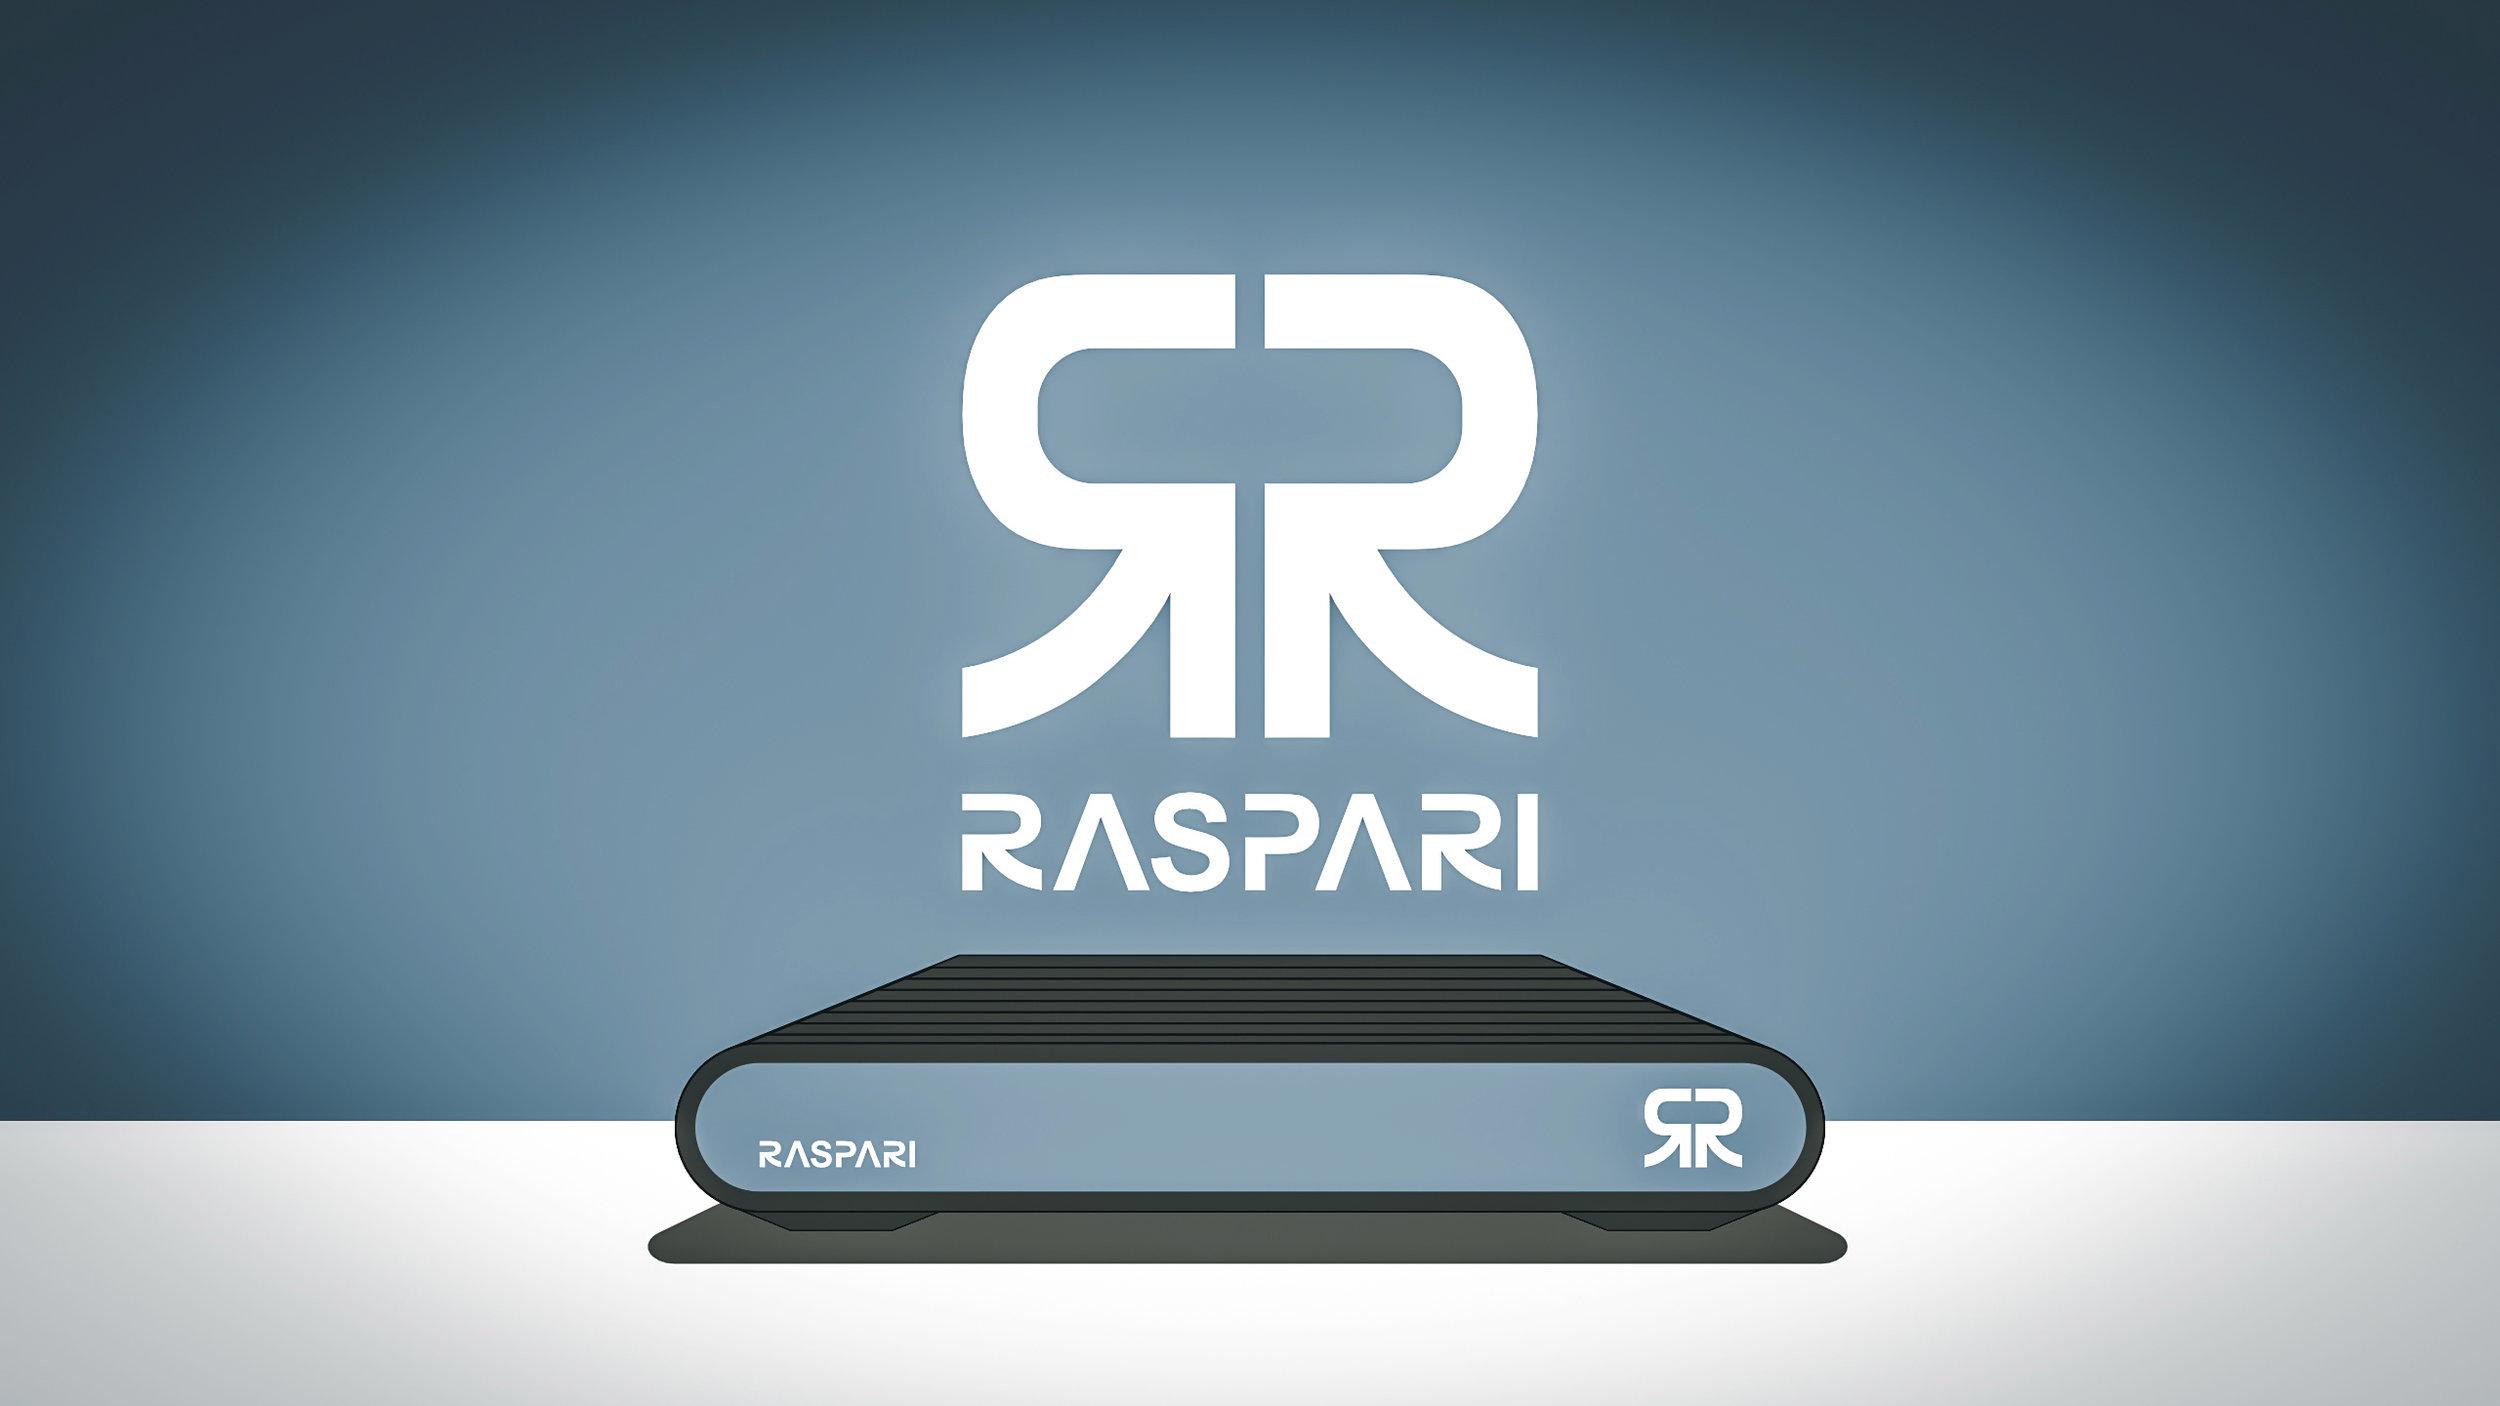 Raspari_Splashscreen.jpg